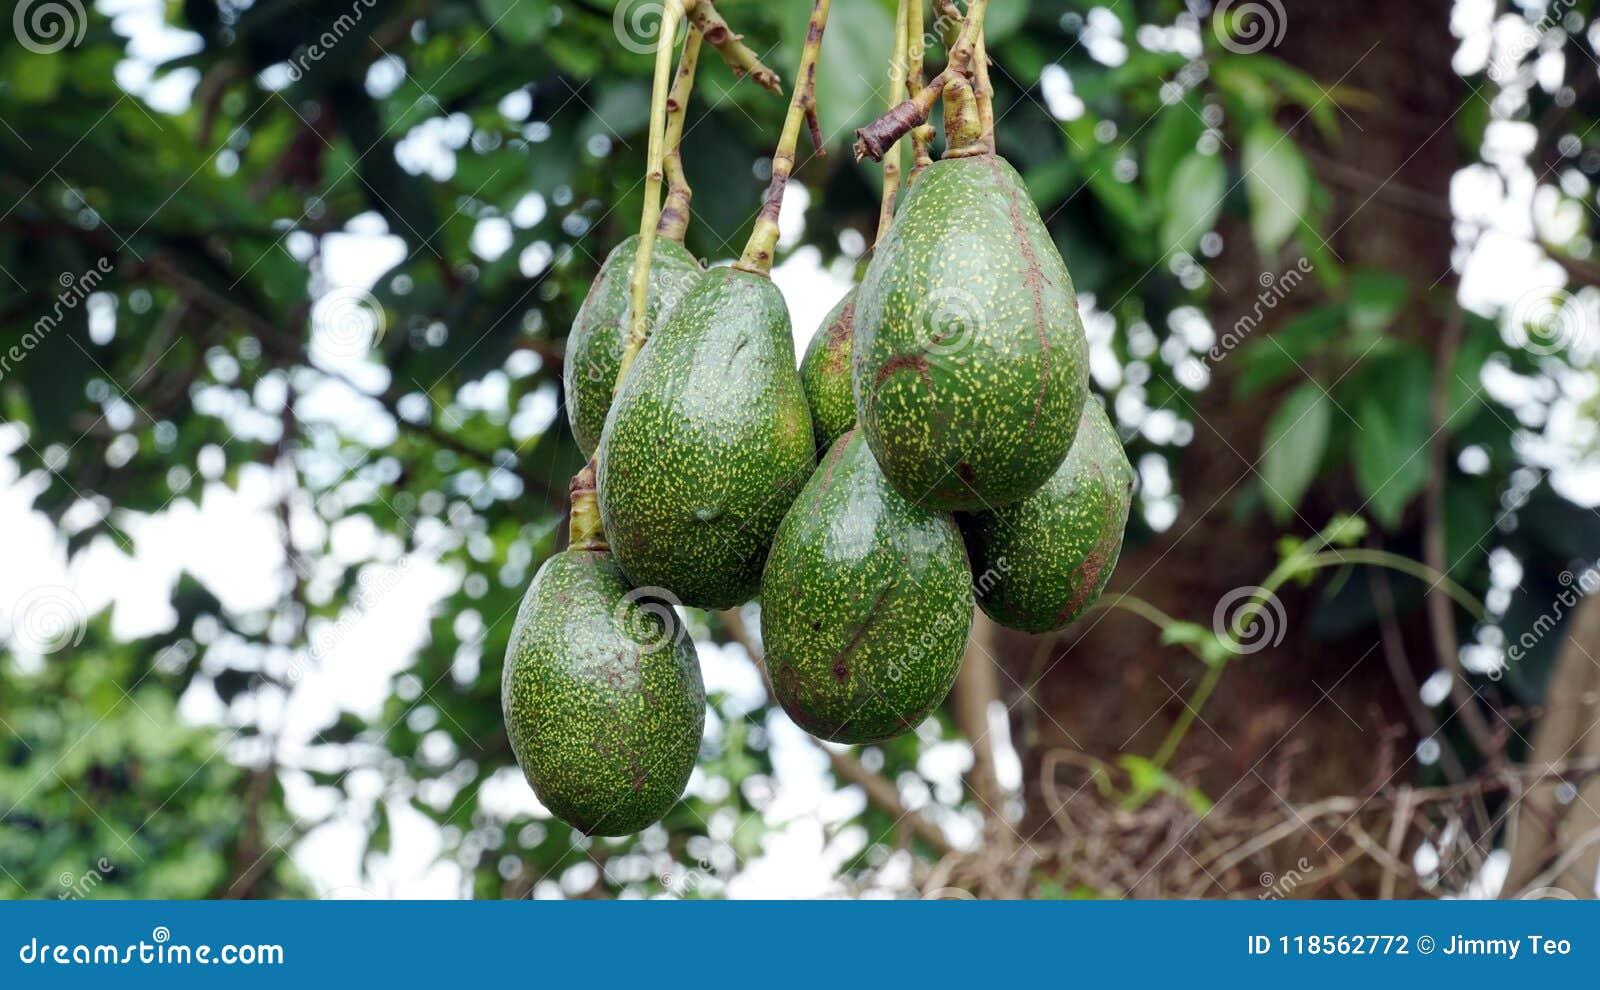 The Avocado on the tree